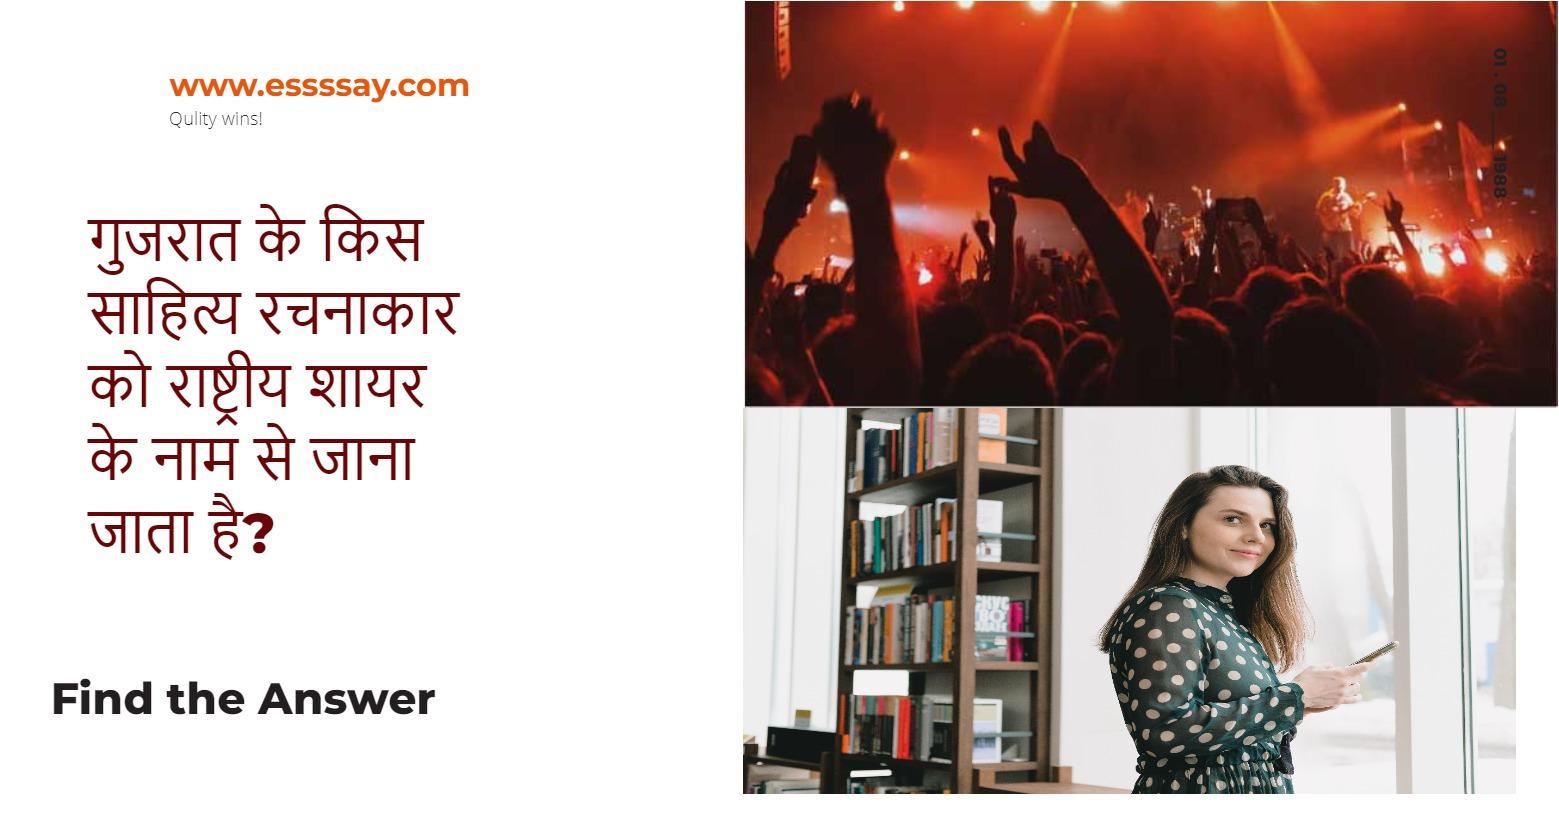 गुजरात के किस साहित्य रचनाकार को राष्ट्रीय शायर के नाम से जाना जाता है